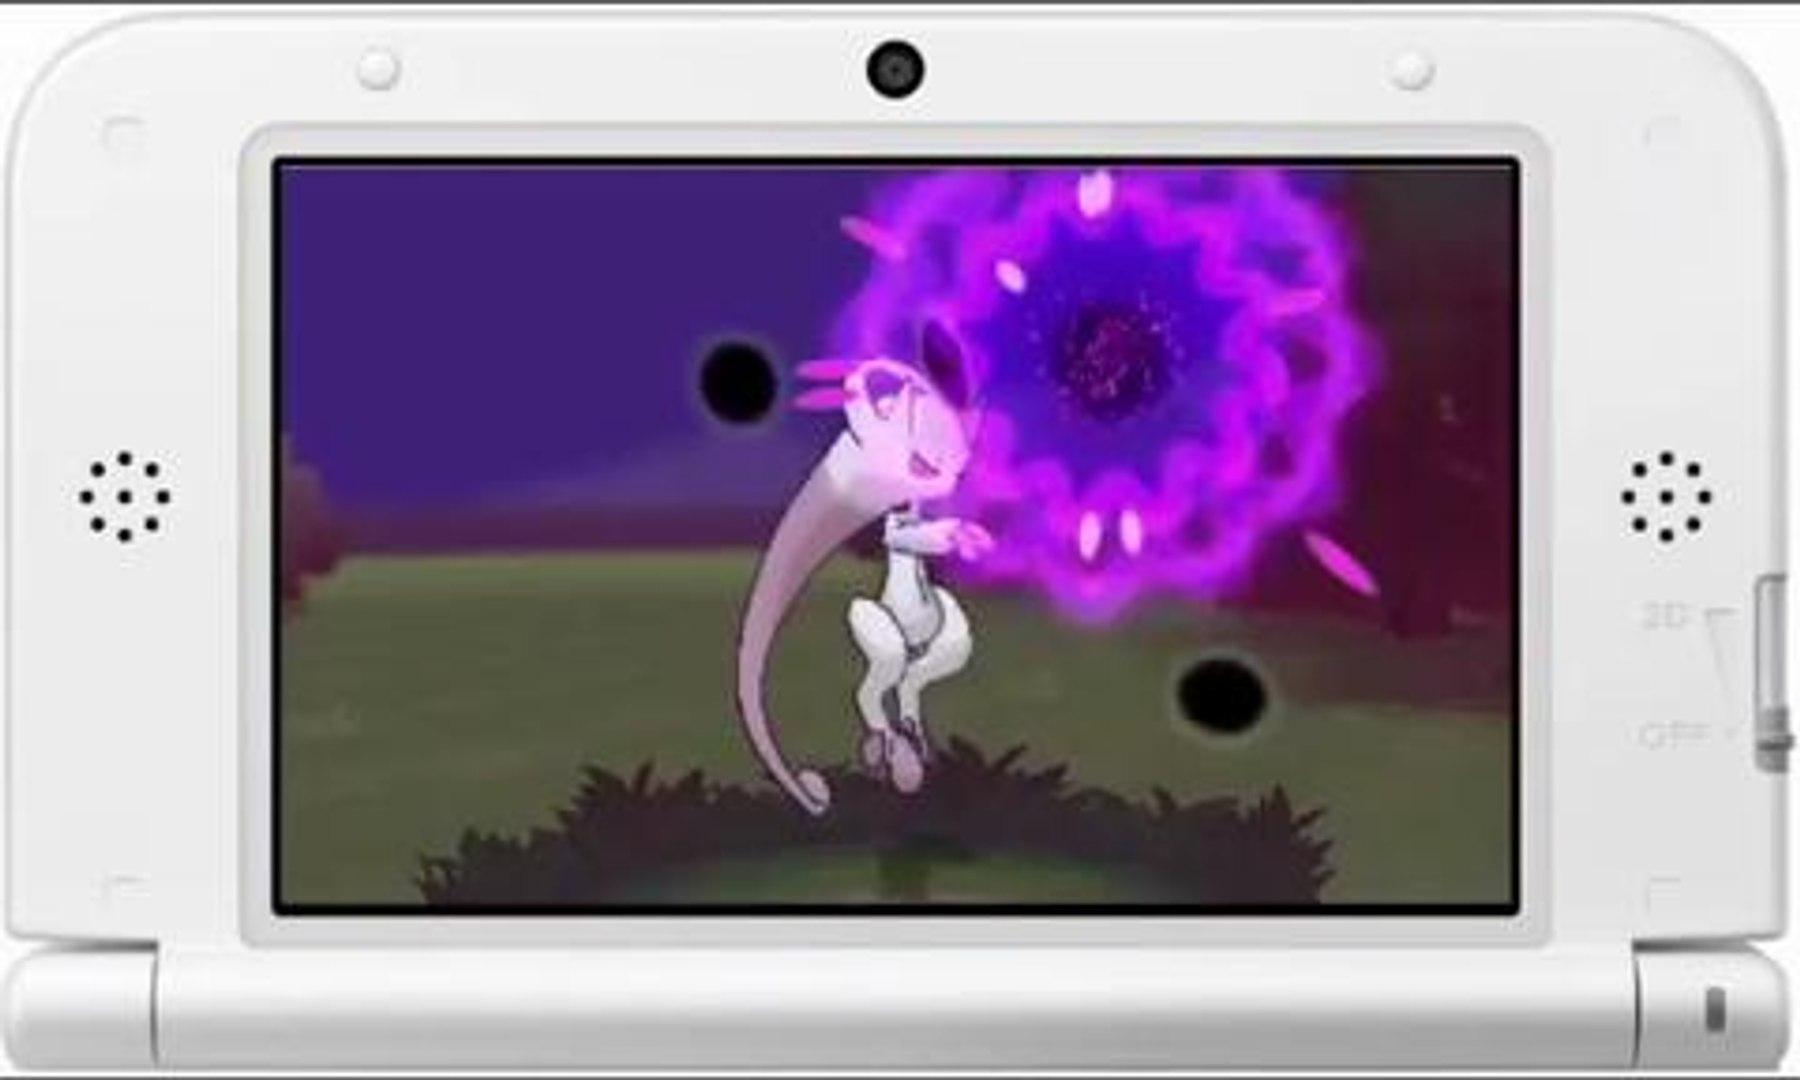 Un nuevo Pokémon para Pokémon X y Pokémon Y en HobbyConsolas.com